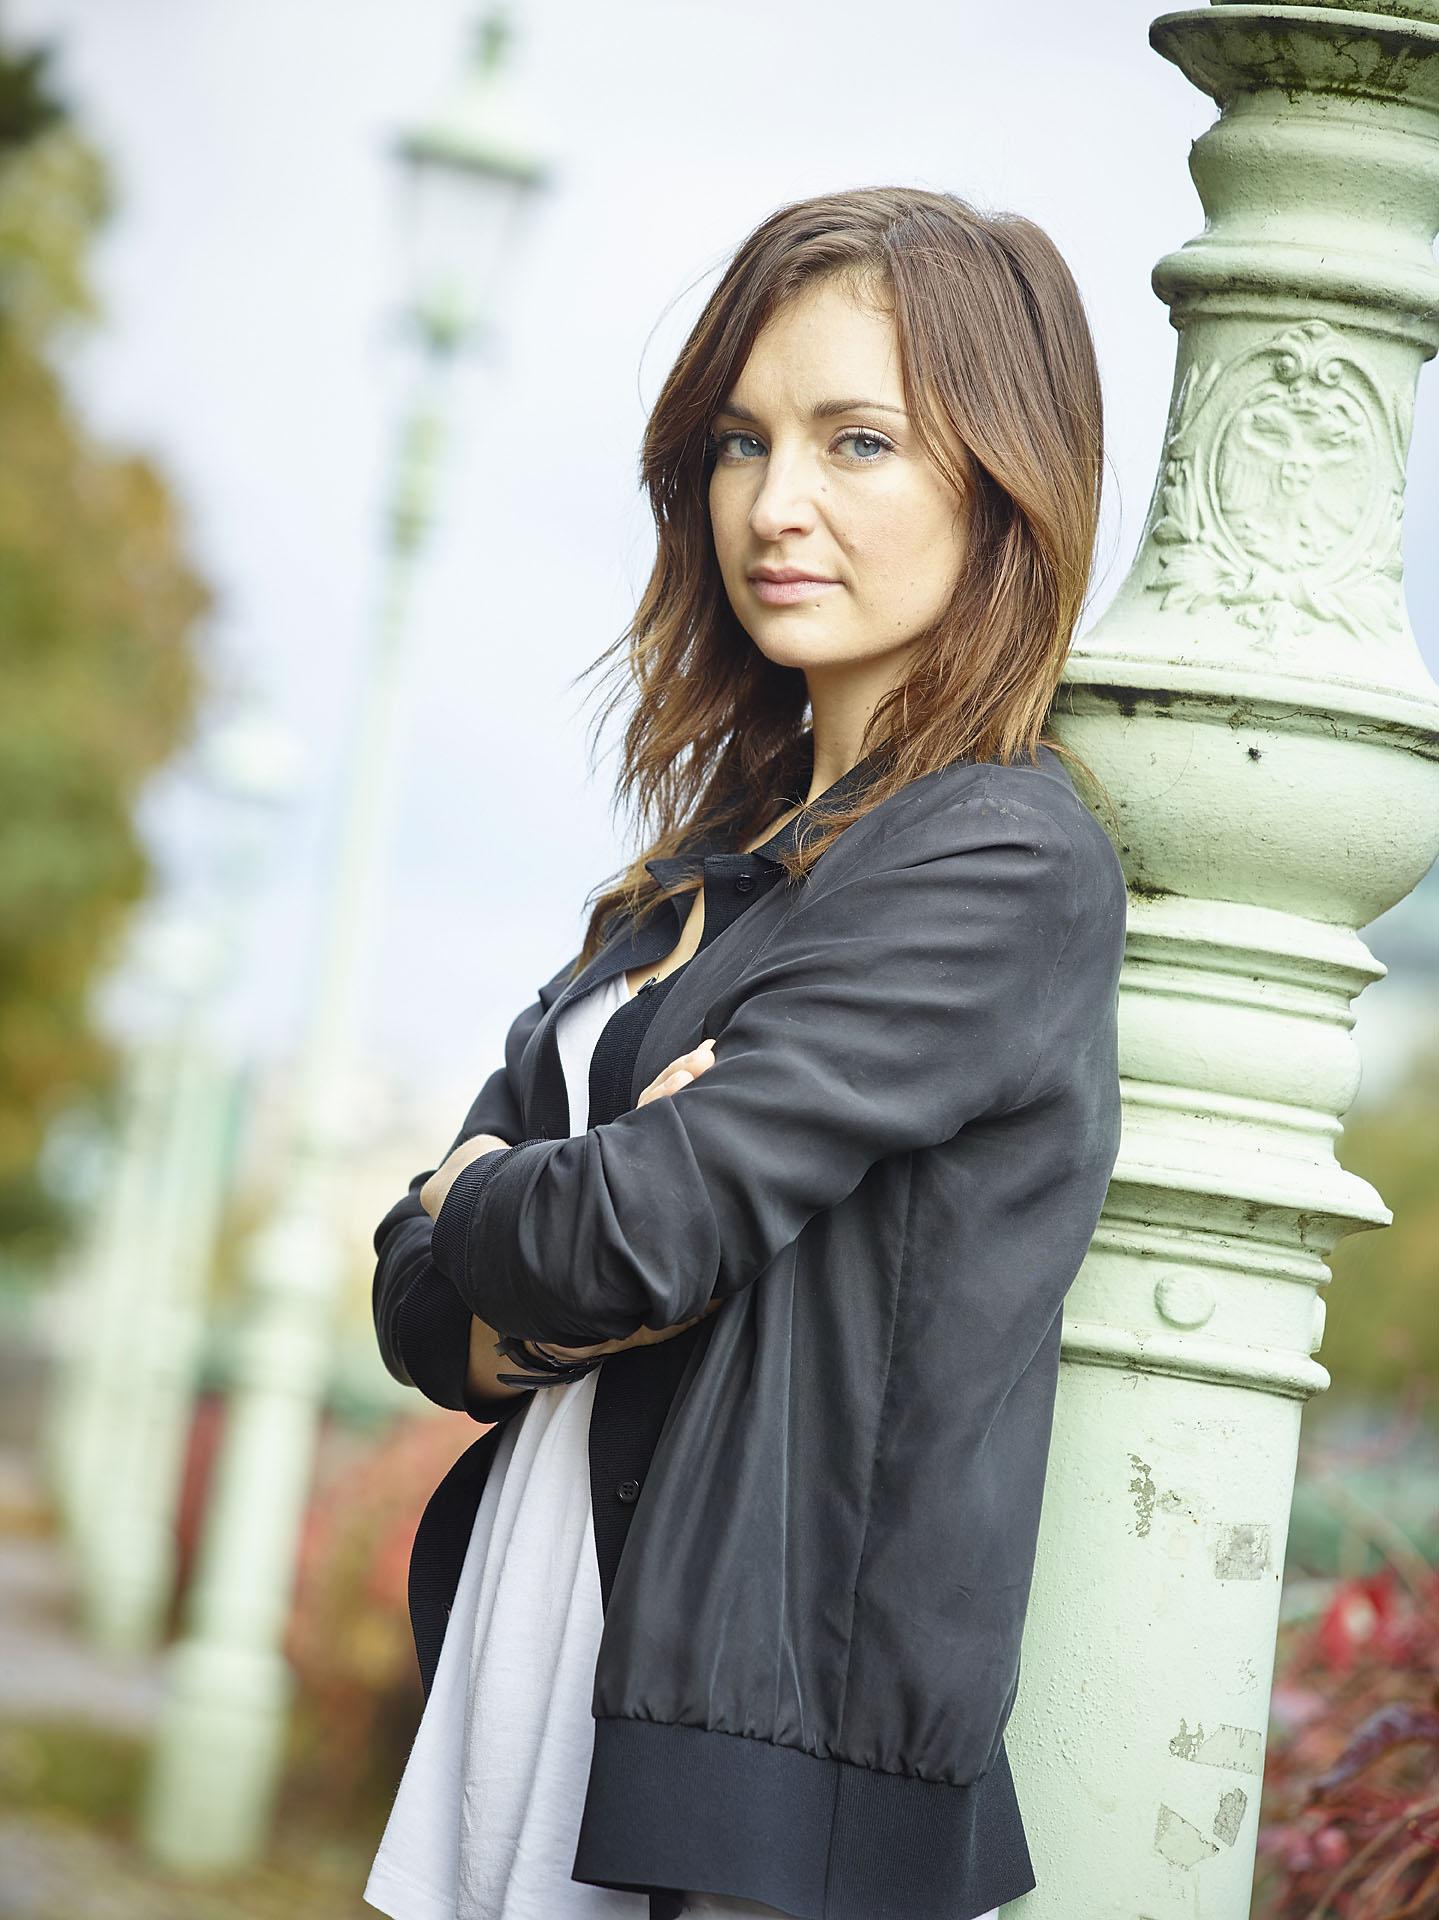 Sabrina Reiter(Actress)